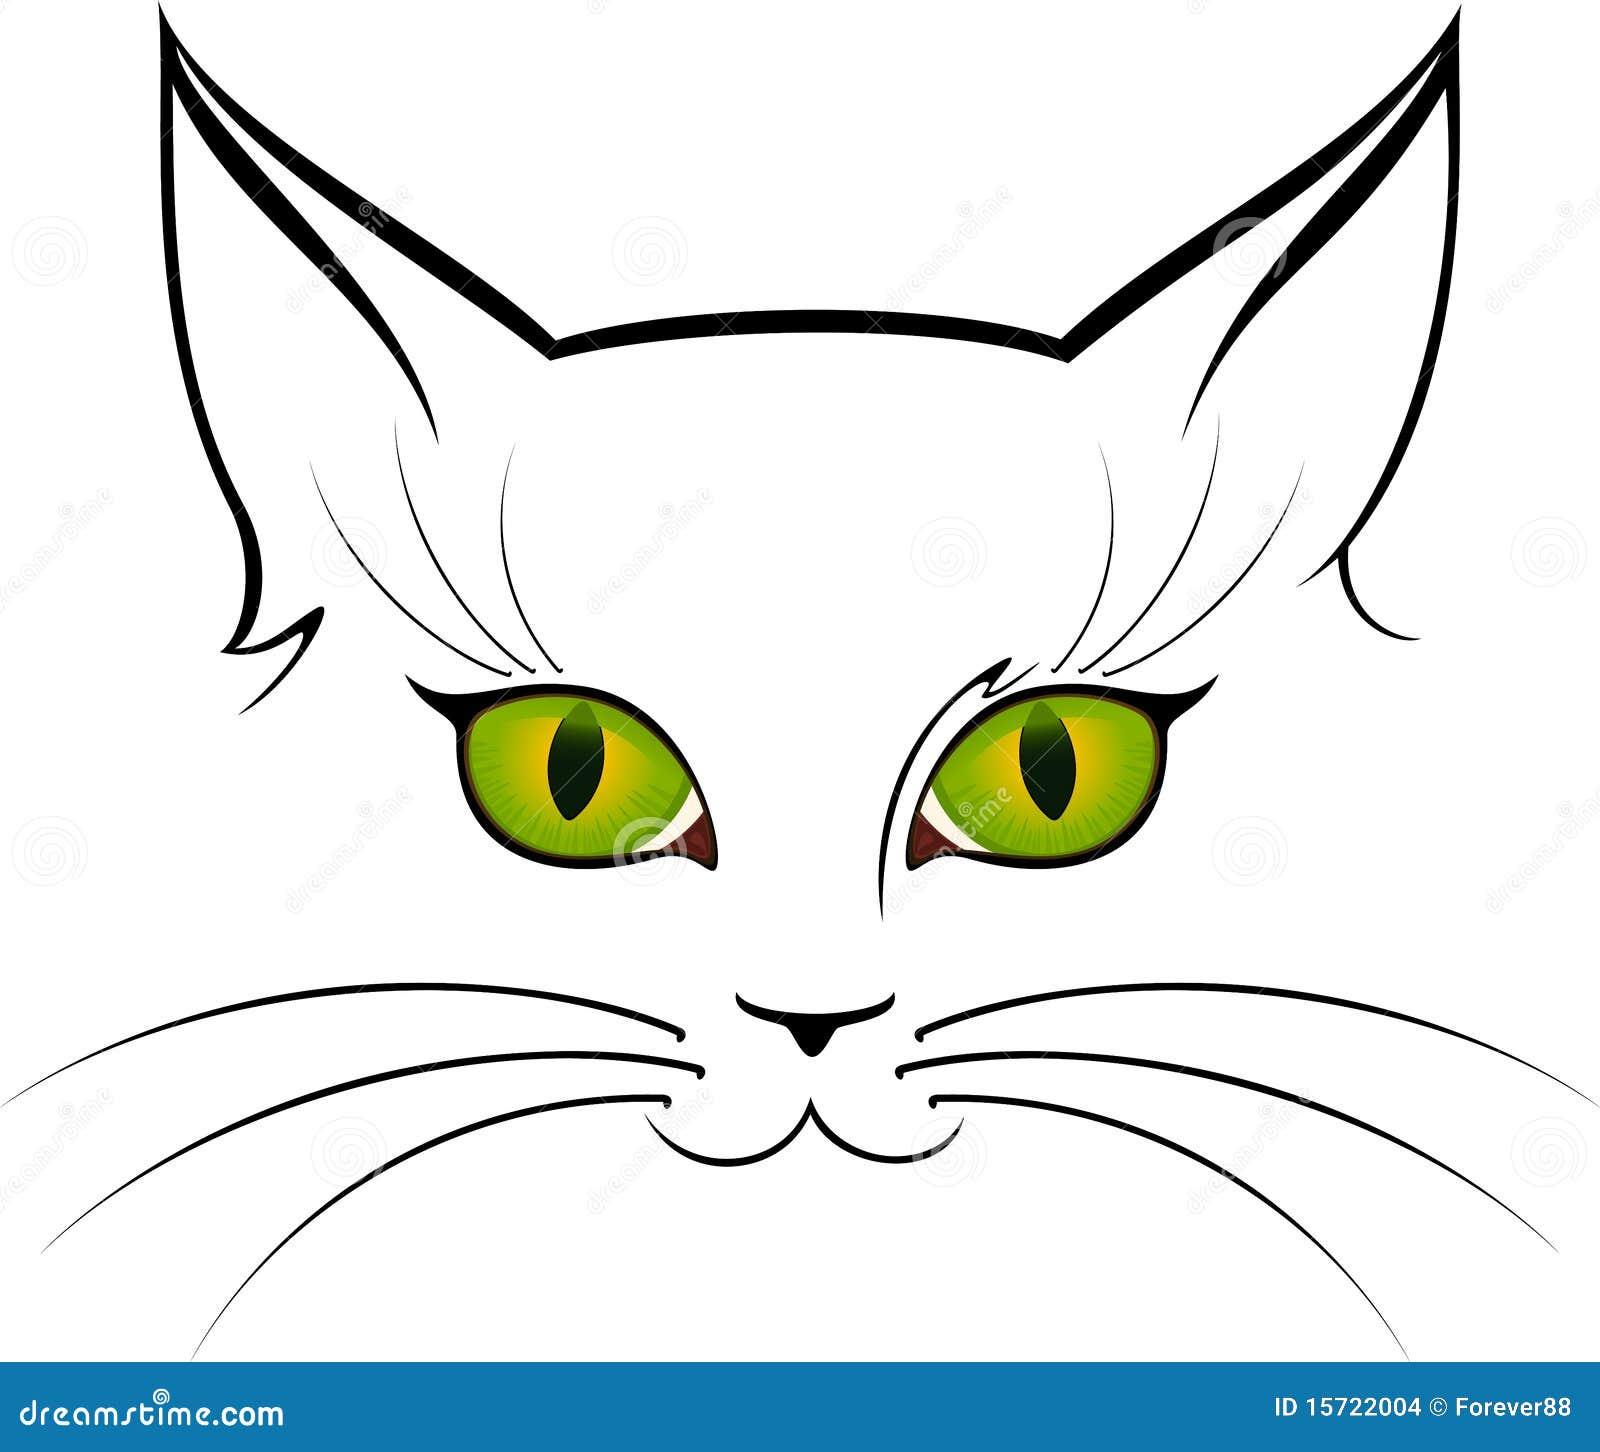 Immagine degli occhi di gatto illustrazione vettoriale for Immagine di un disegno di architetto